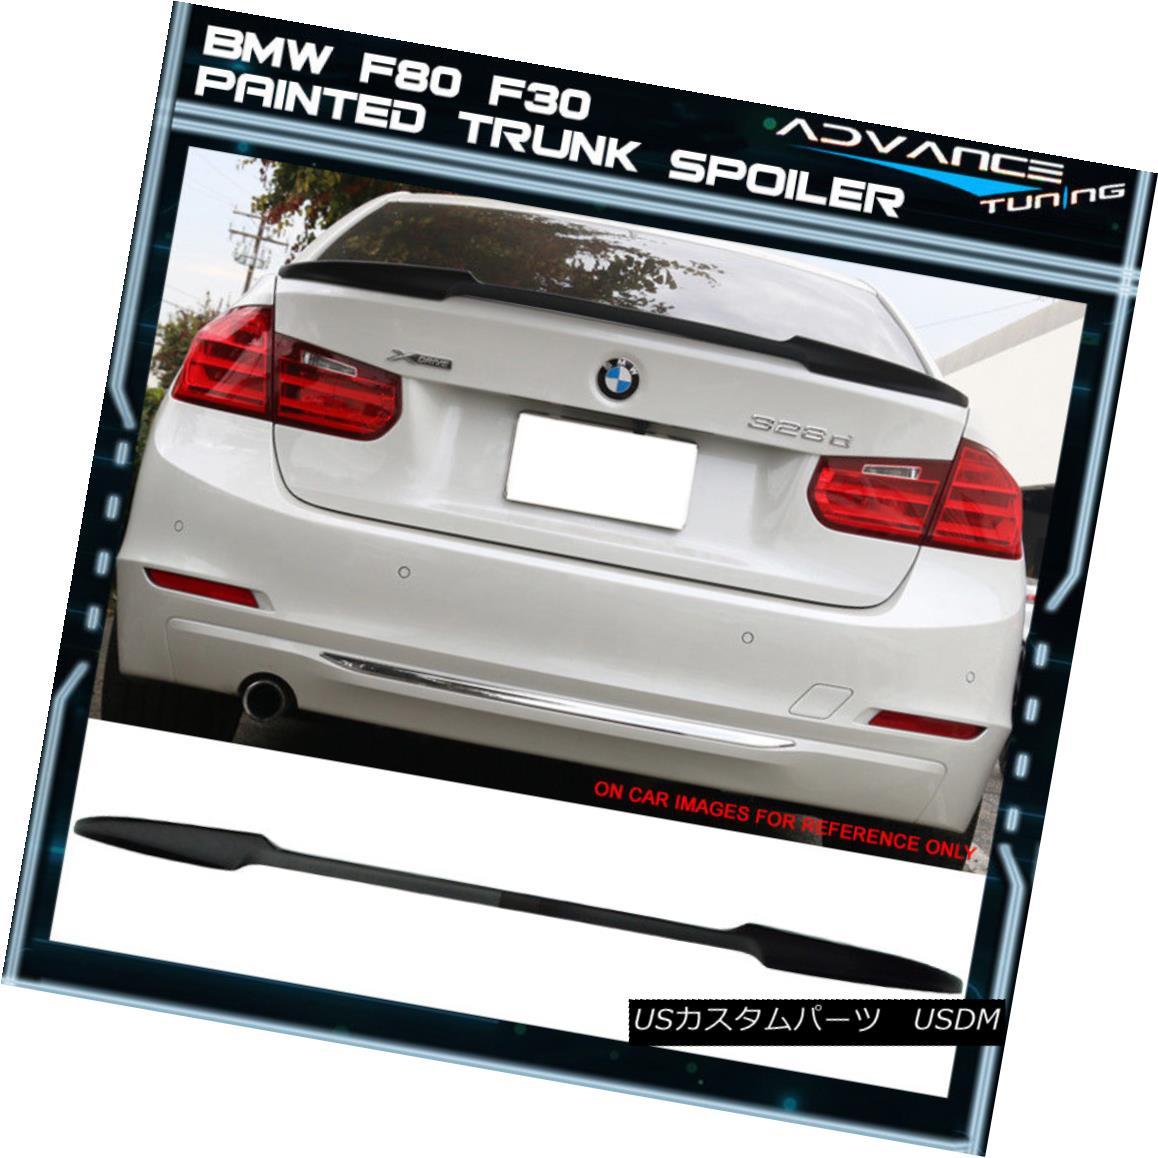 エアロパーツ 12-18 BMW F80 F30 M3 F30 4Dr V Style Trunk Spoiler OEM Painted Jet Black #668 12-18 BMW F80 F30 M3 F30 4Dr VスタイルトランクスポイラーOEM塗装ジェットブラック#668